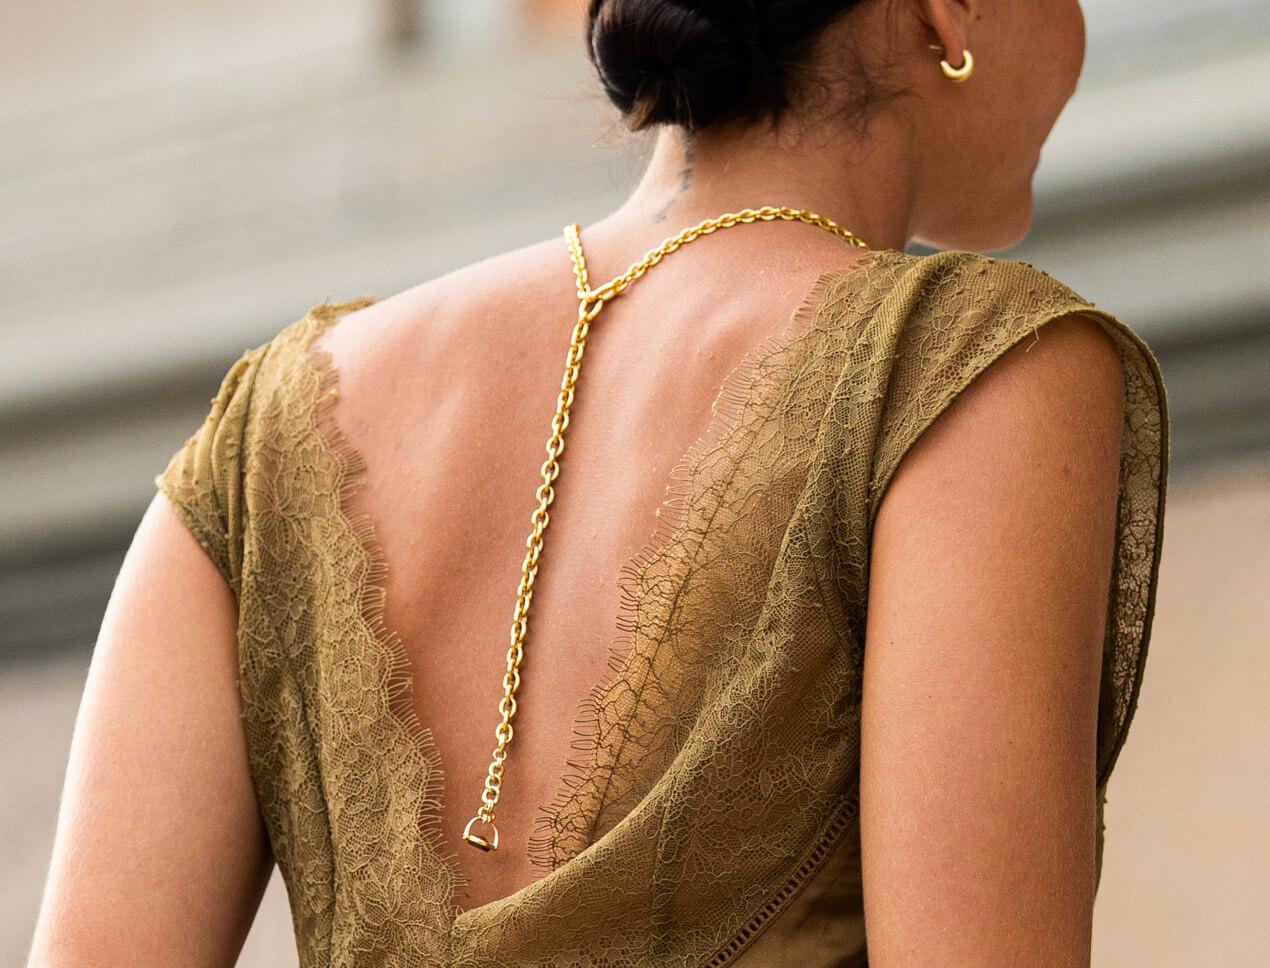 Women wearing necklace